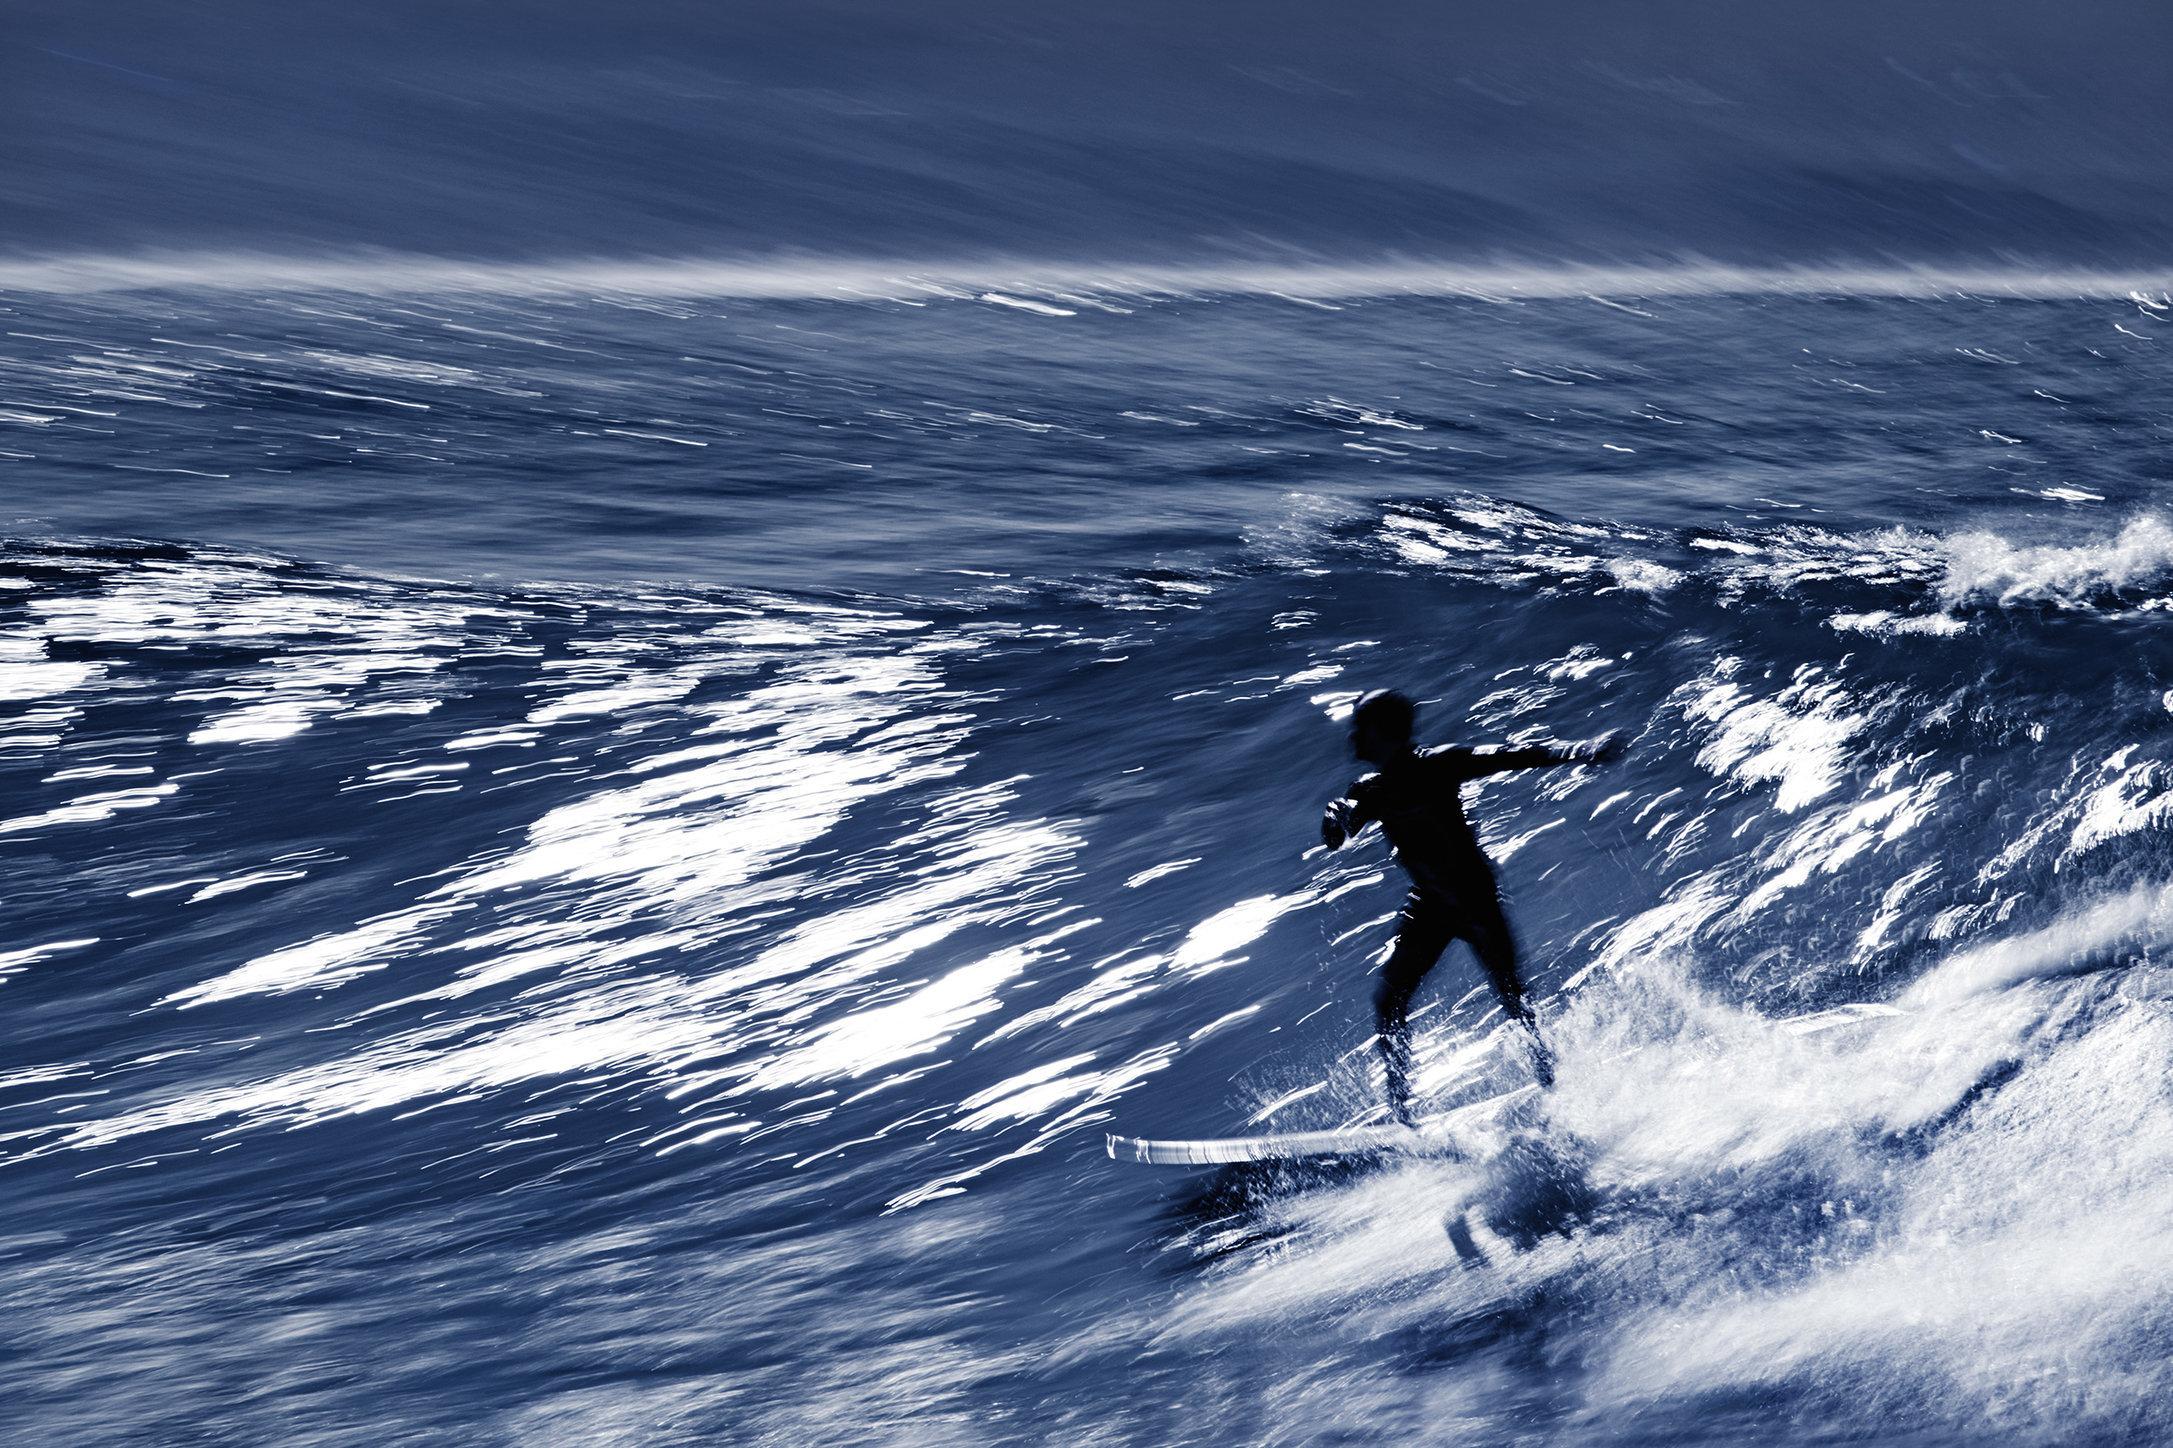 California Dreamin / Silver Surfer